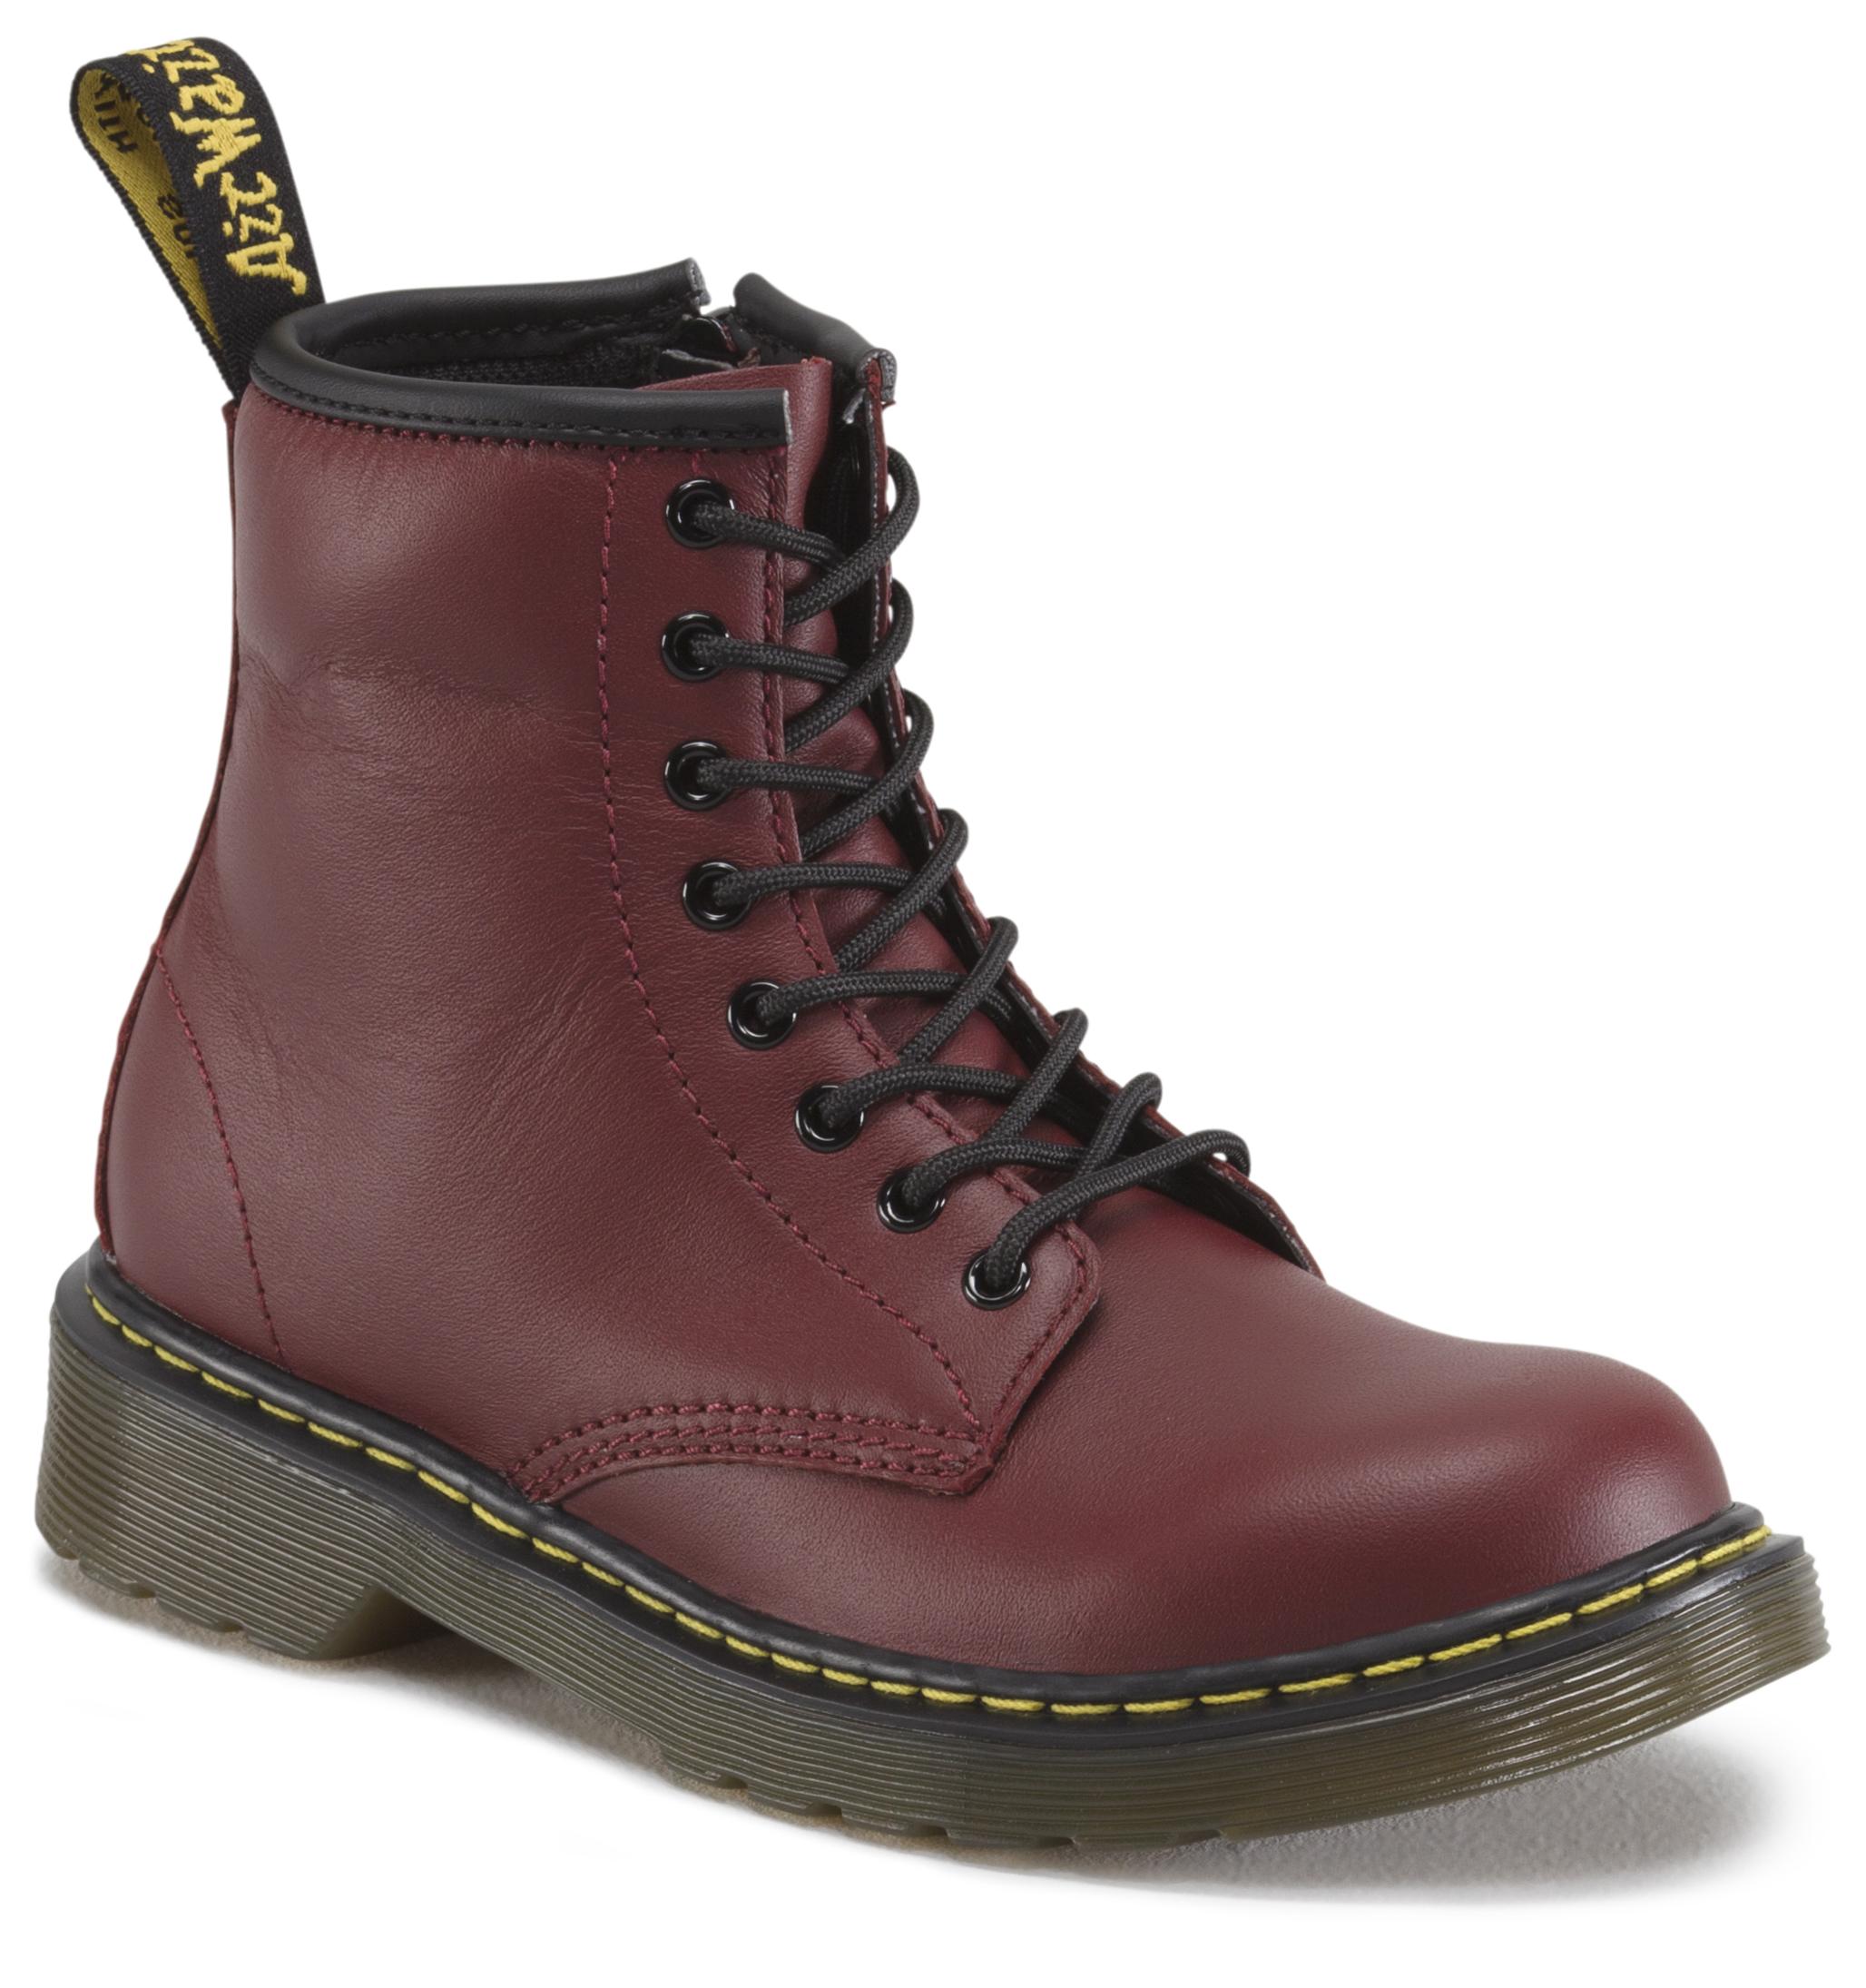 Delaney junior site officiel dr martens france - Enlever odeur chaussure rapidement ...